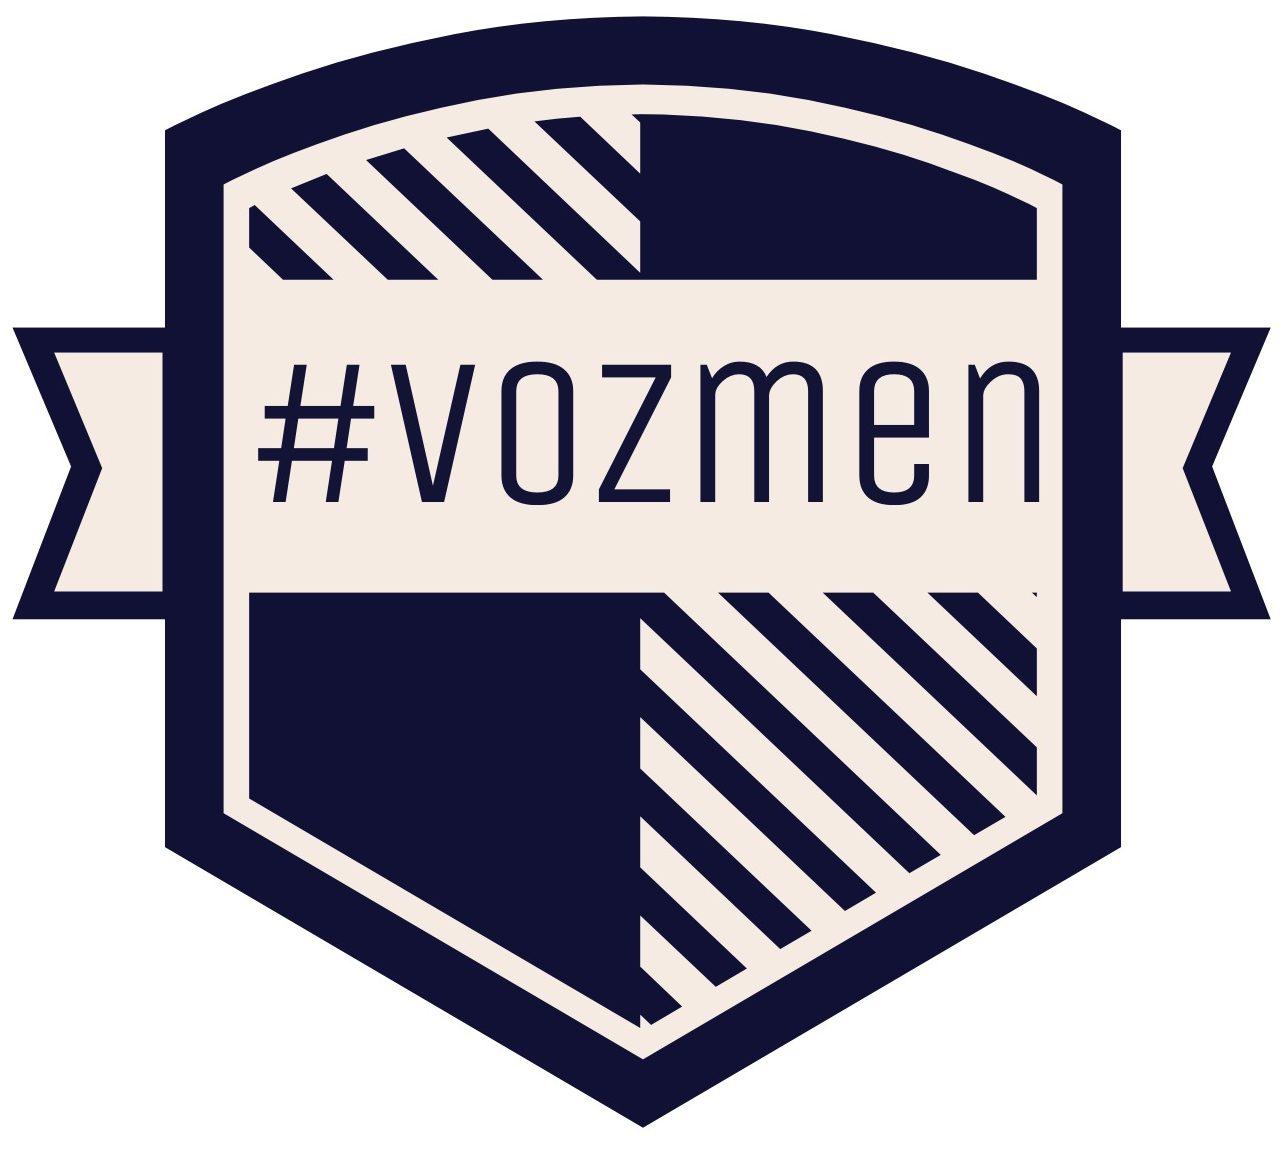 #vozmen